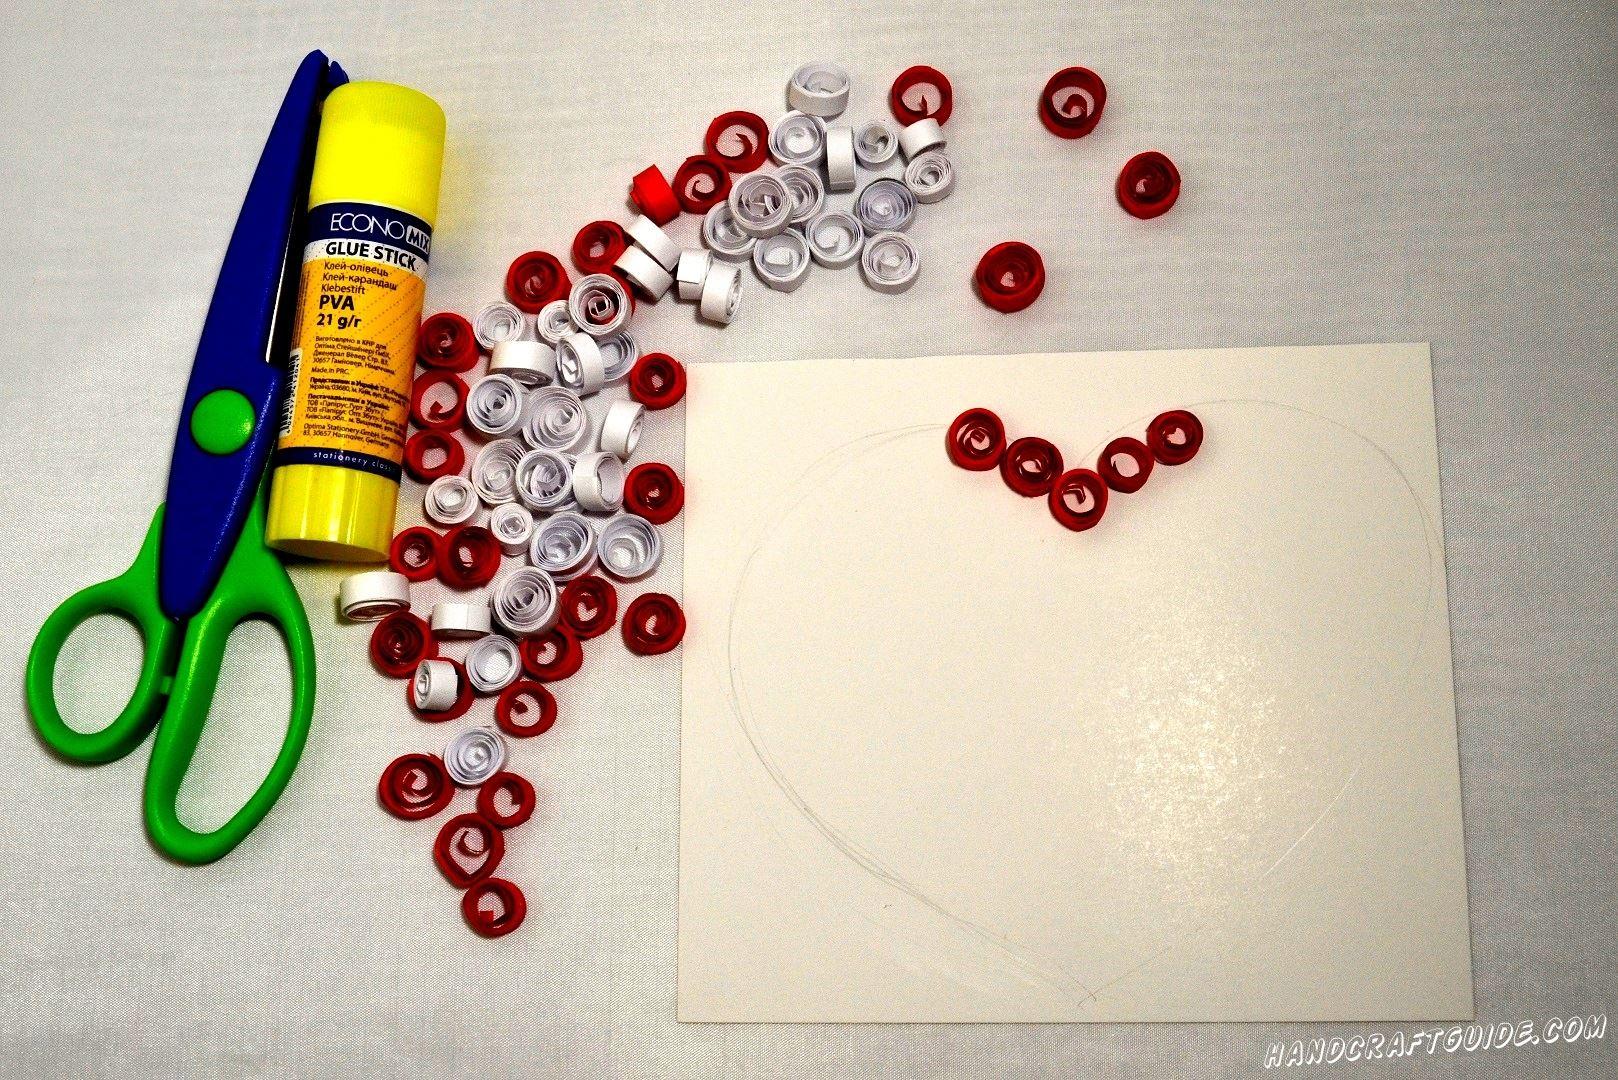 Затем берем лист картона и вырезаем ровный квадрат. Это будет фон нашей картины. Цвет фона можете выбрать абсолютно свободно. Теперь берем красные кружки и наклеиваем на фон, в форме контура сердечка.